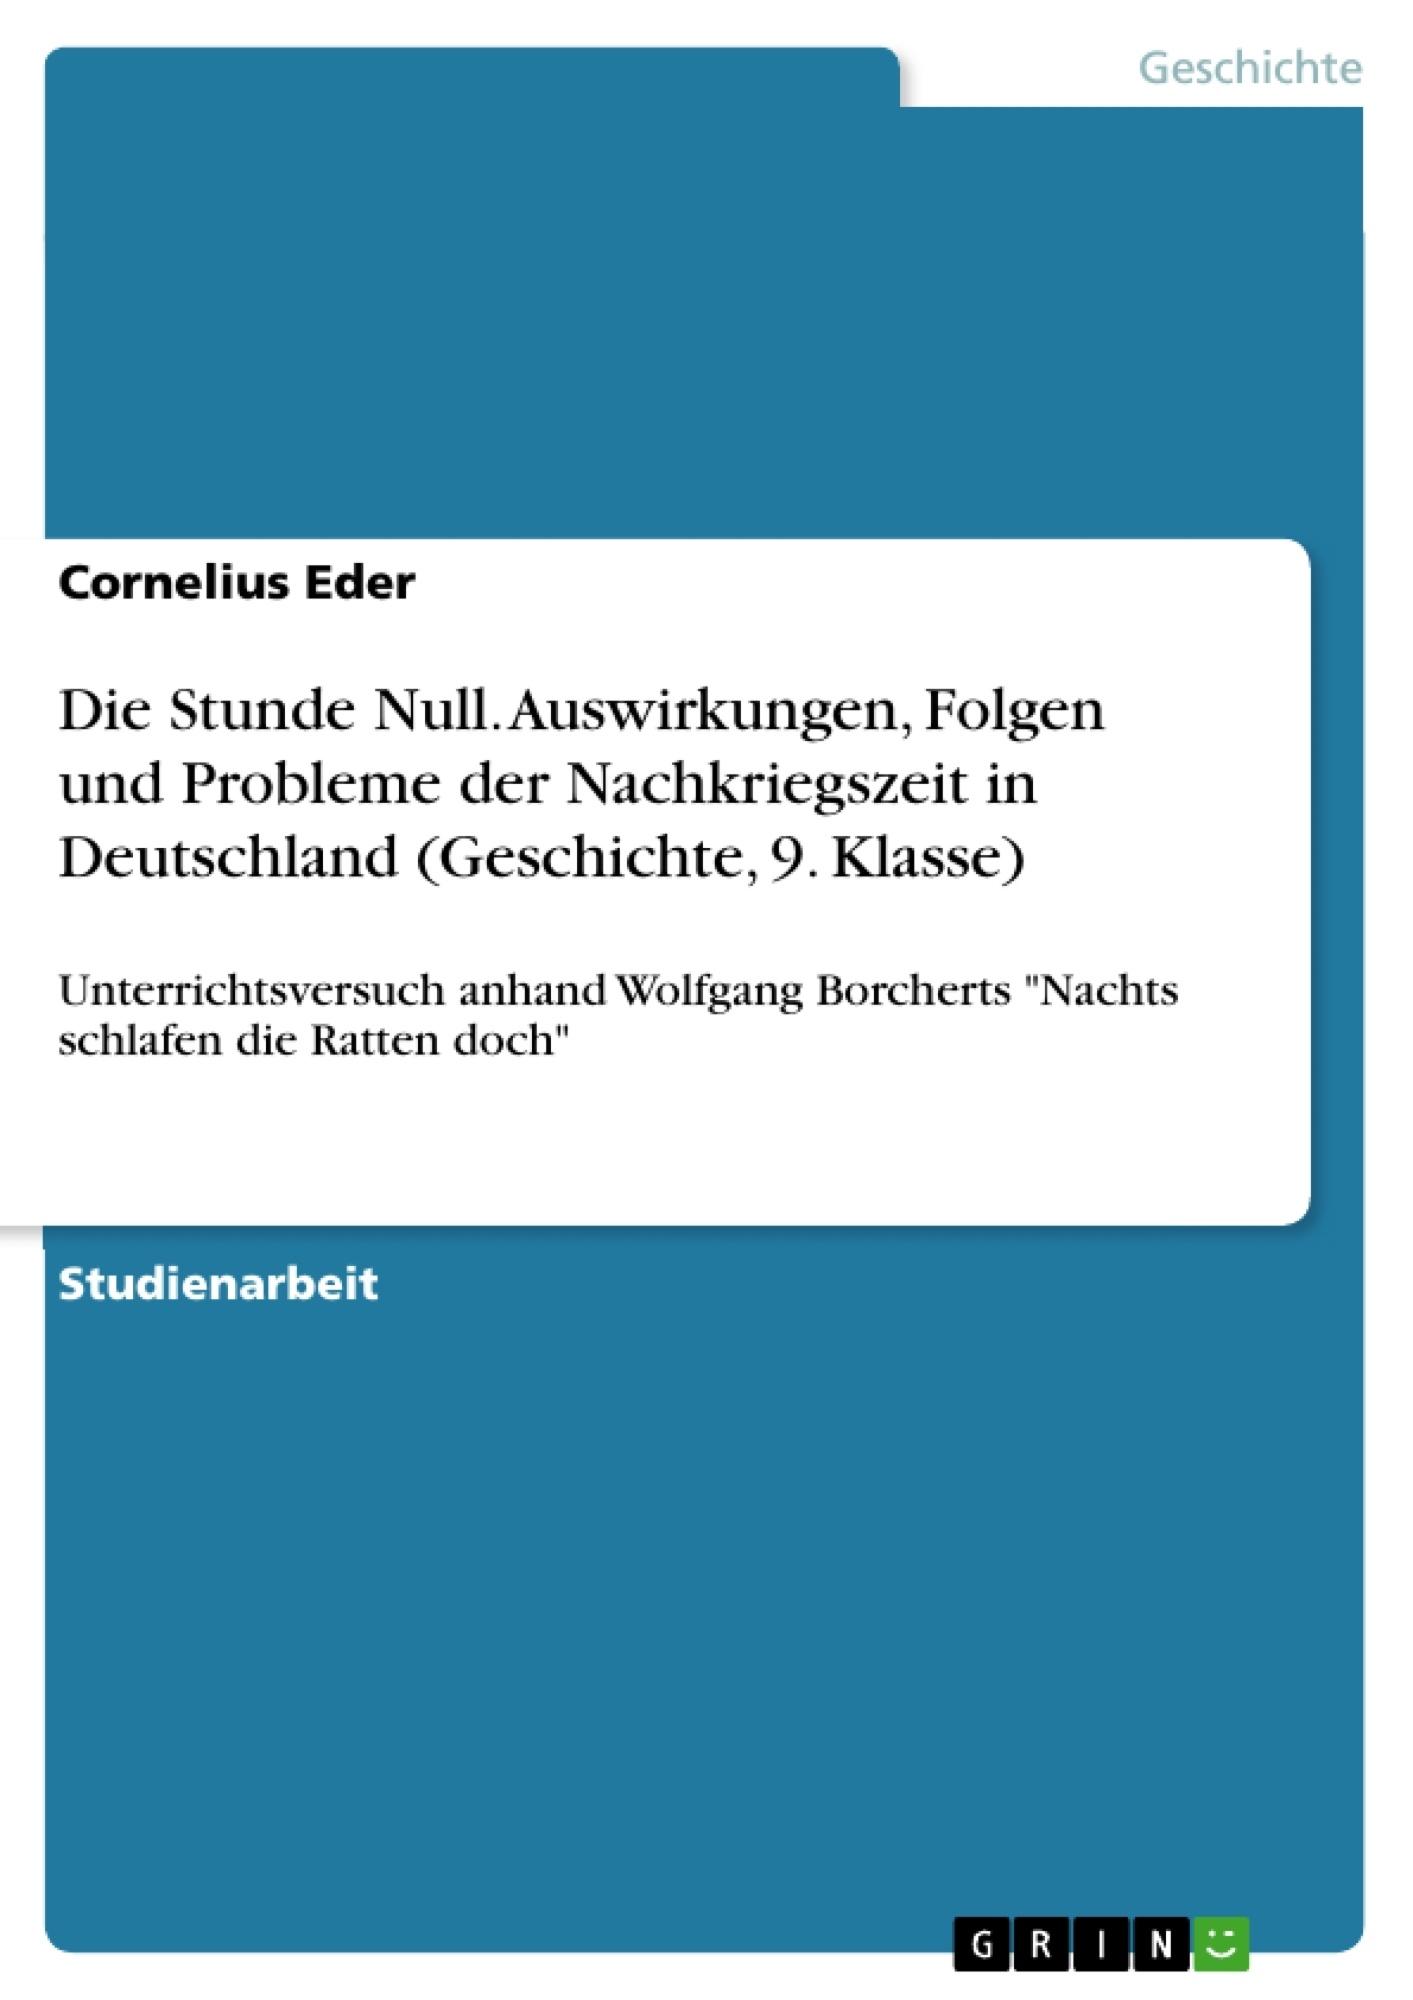 Titel: Die Stunde Null. Auswirkungen, Folgen und Probleme der Nachkriegszeit in Deutschland (Geschichte, 9. Klasse)